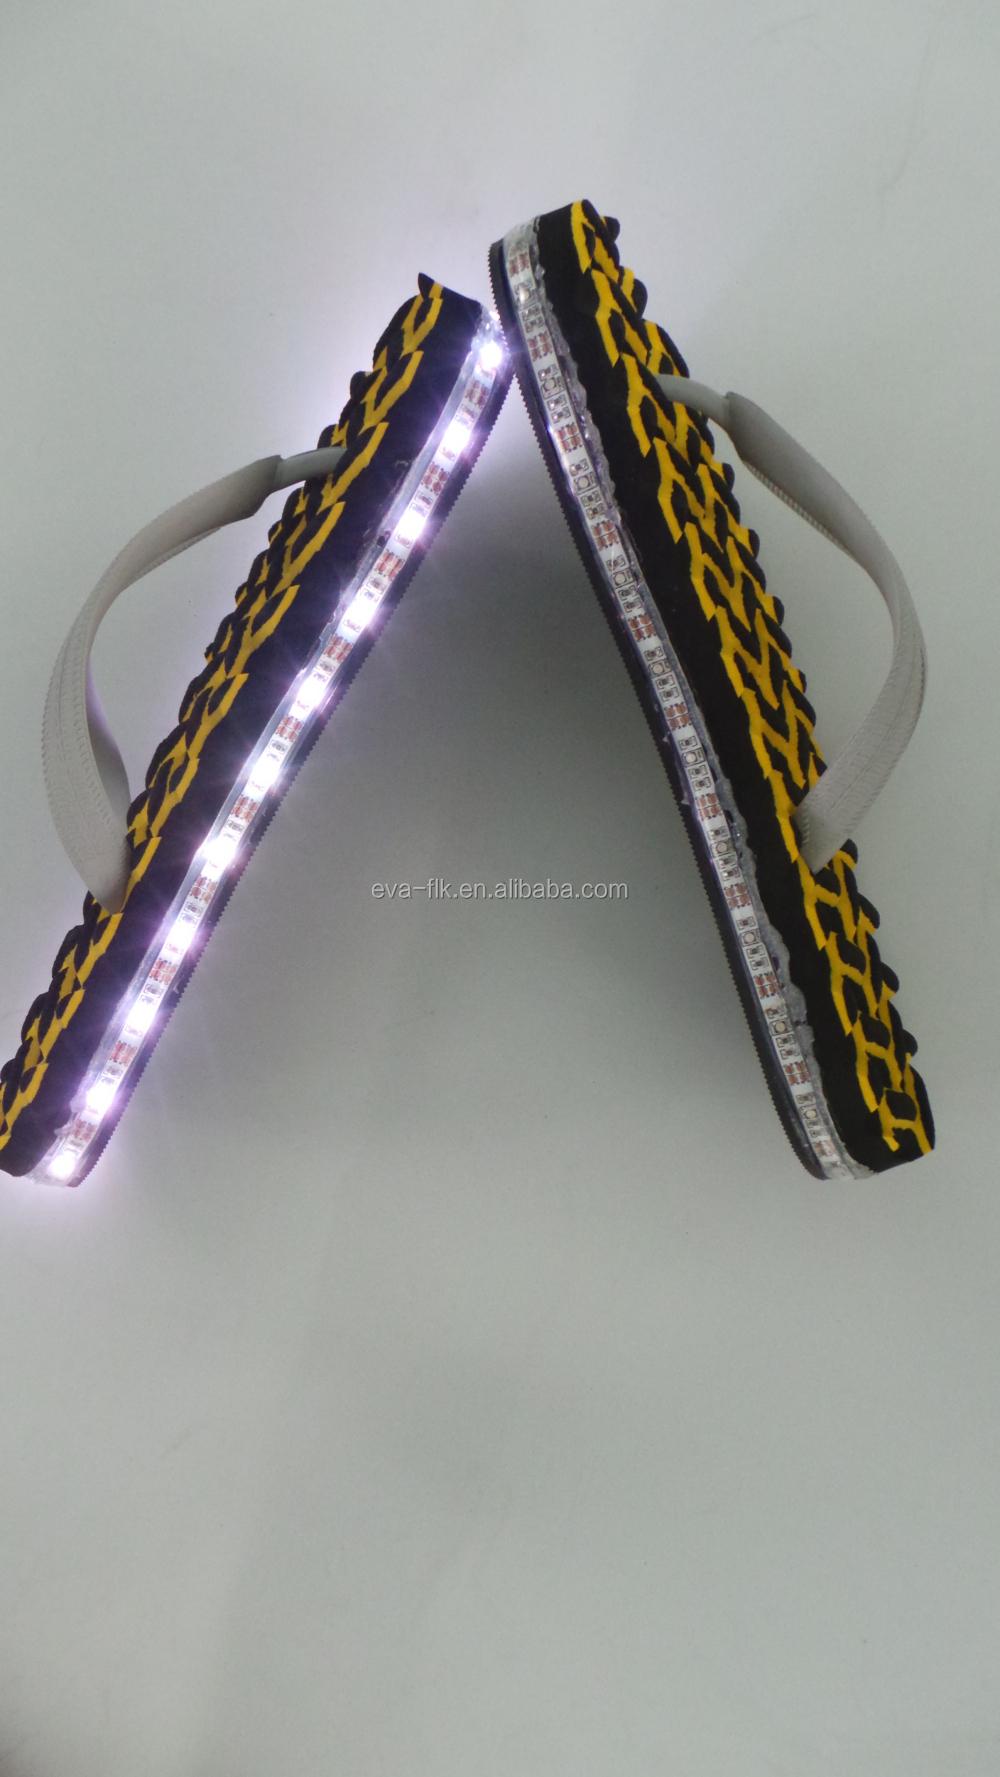 2018 New Fashion Men And Women Light Up Flip Flops Buy Oem Msid Sandal Flop Jepit Unisex